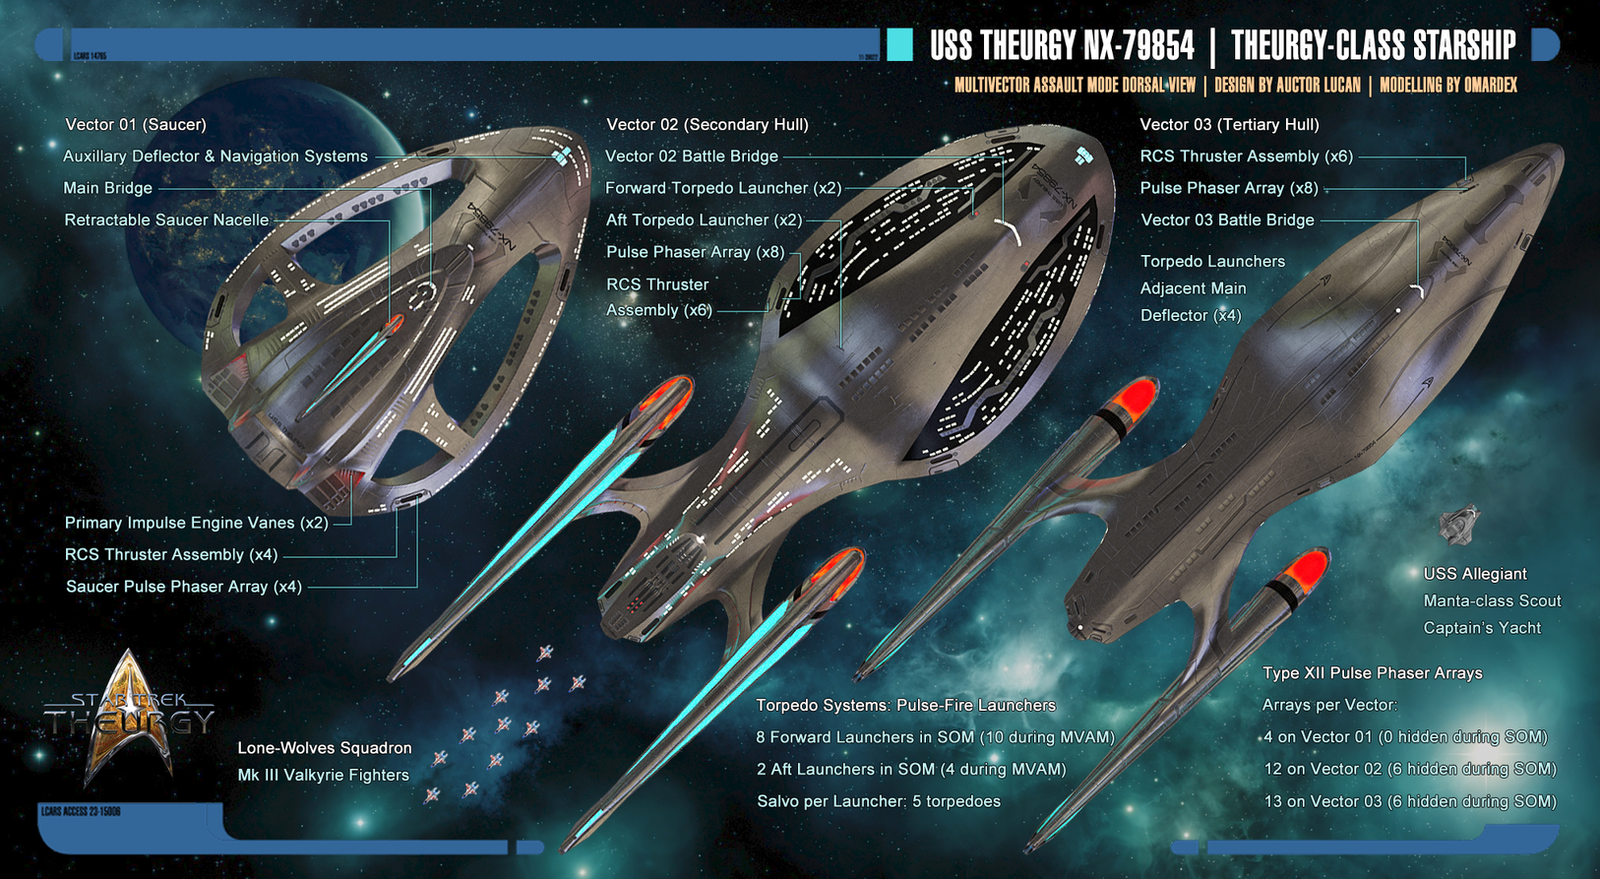 theurgy_class_starship_schematics___mvam